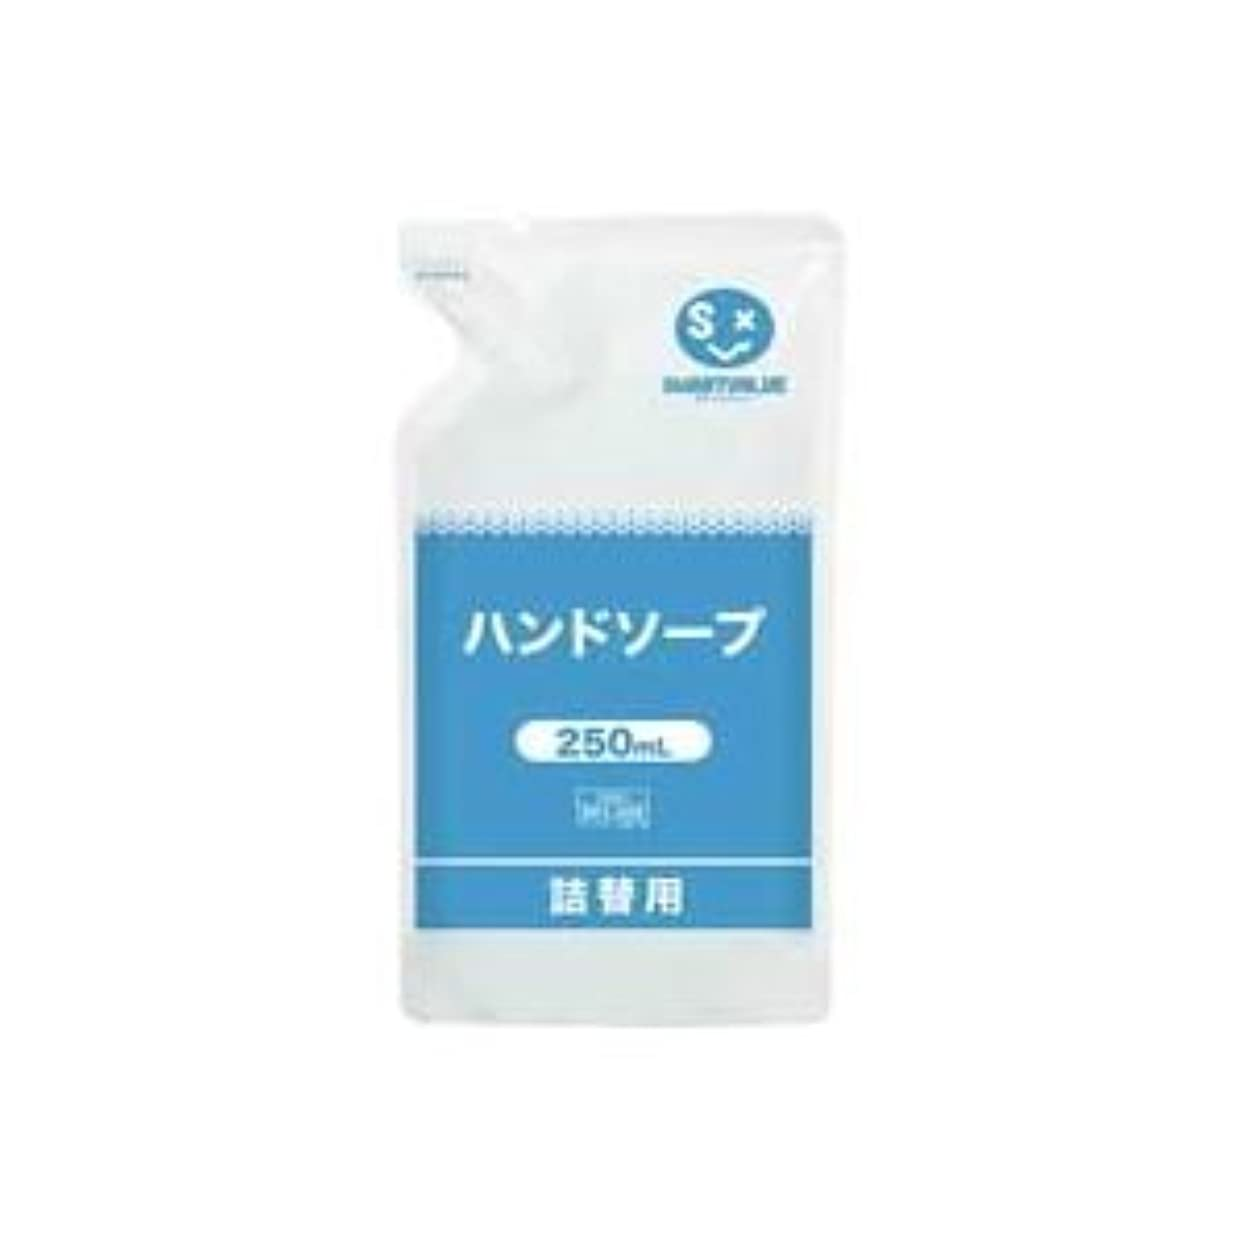 泥沼母音衝撃(業務用50セット)ジョインテックス ハンドソープ 250mL N206J